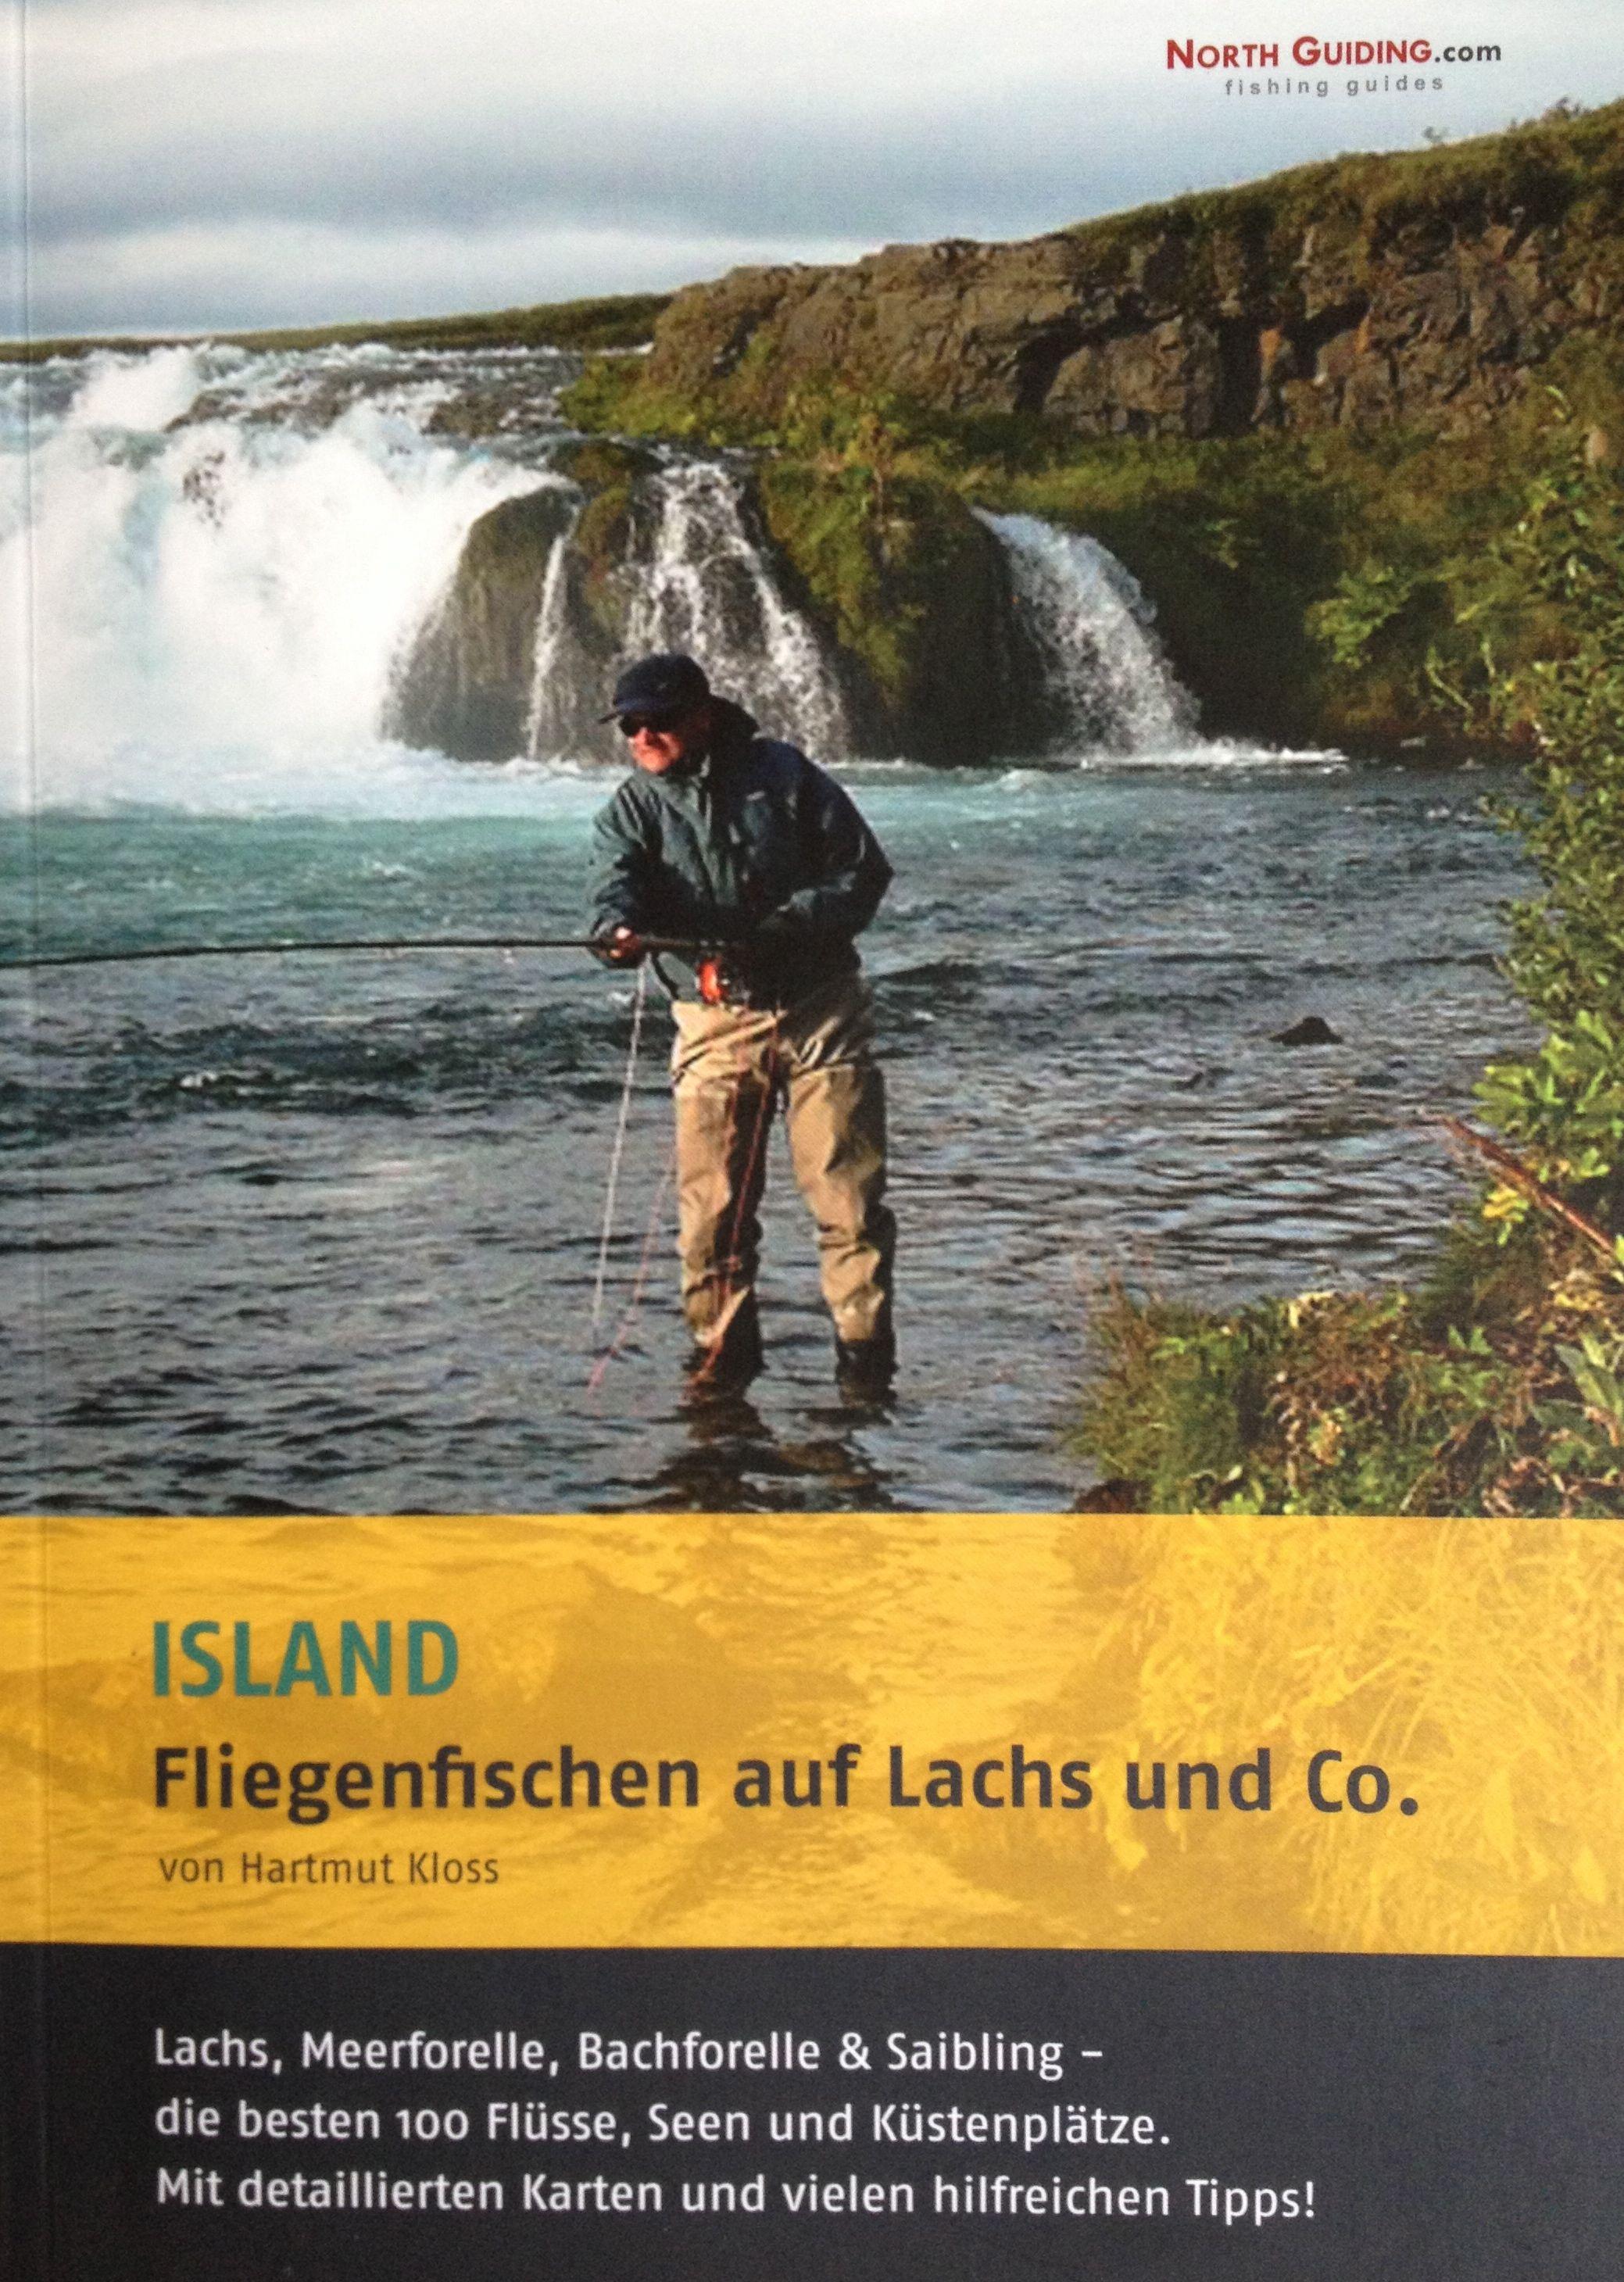 Forelle Äsche Fliegenfischen Island Northguiding